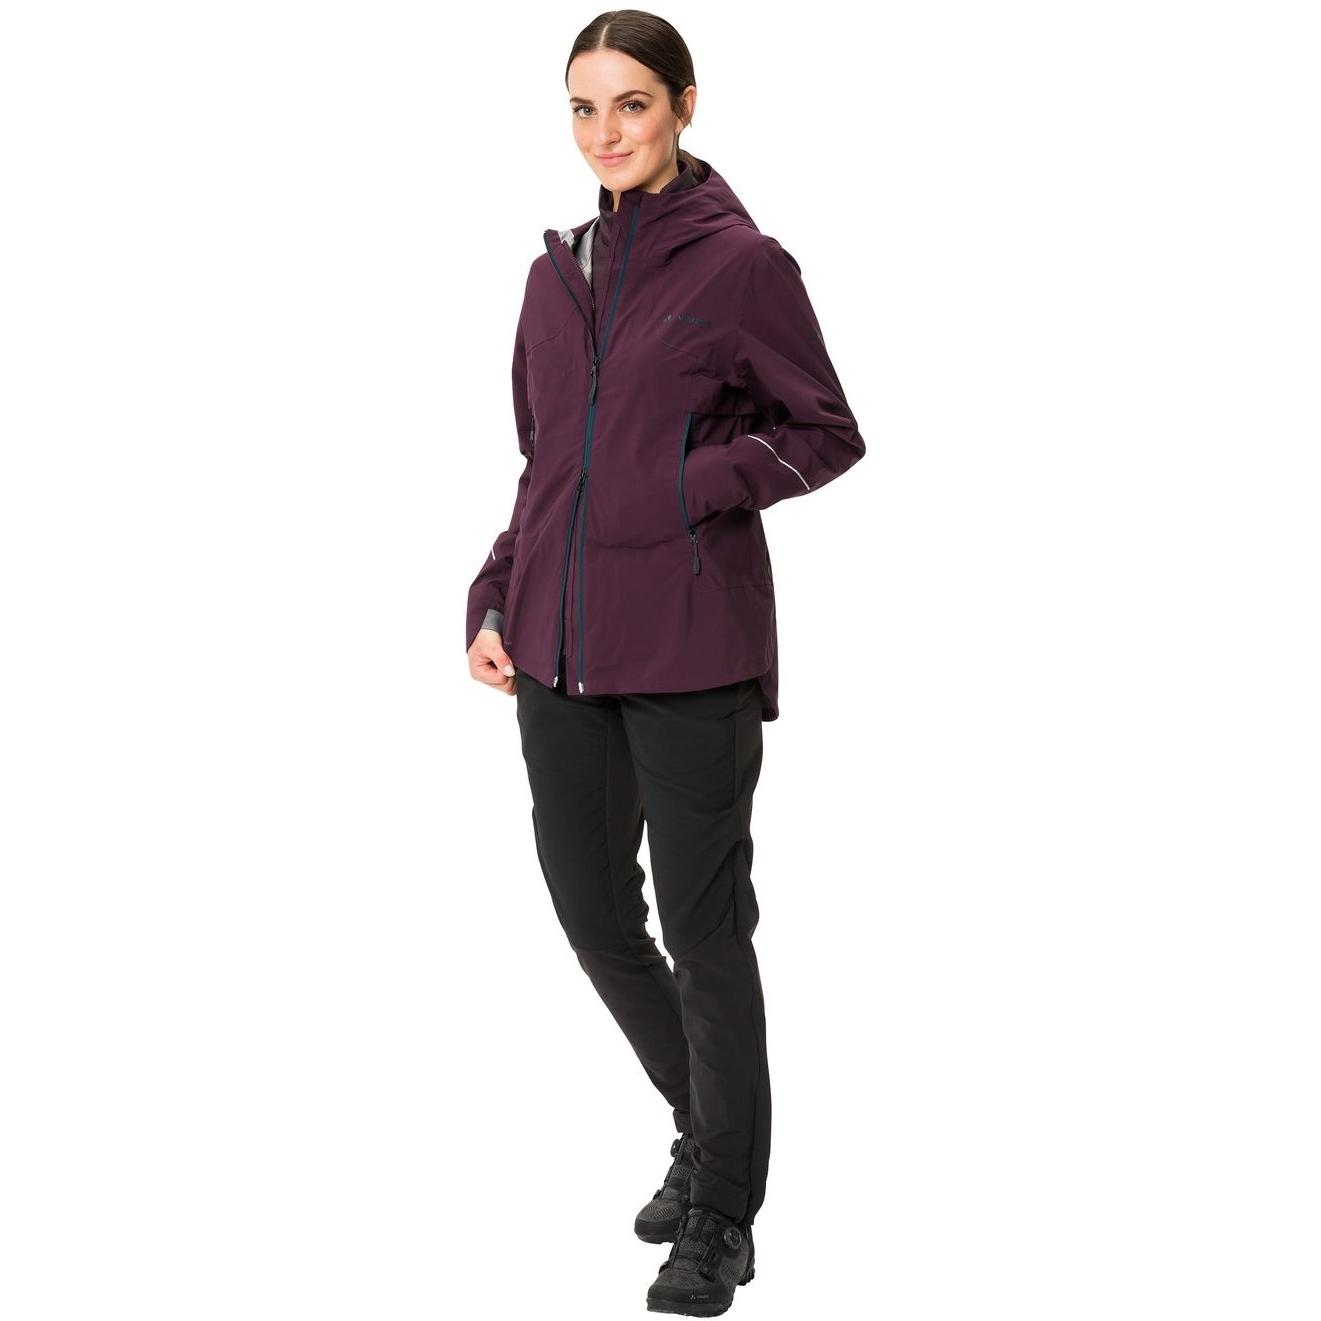 Image of Vaude Women's Yaras 3in1 Jacket - cassis